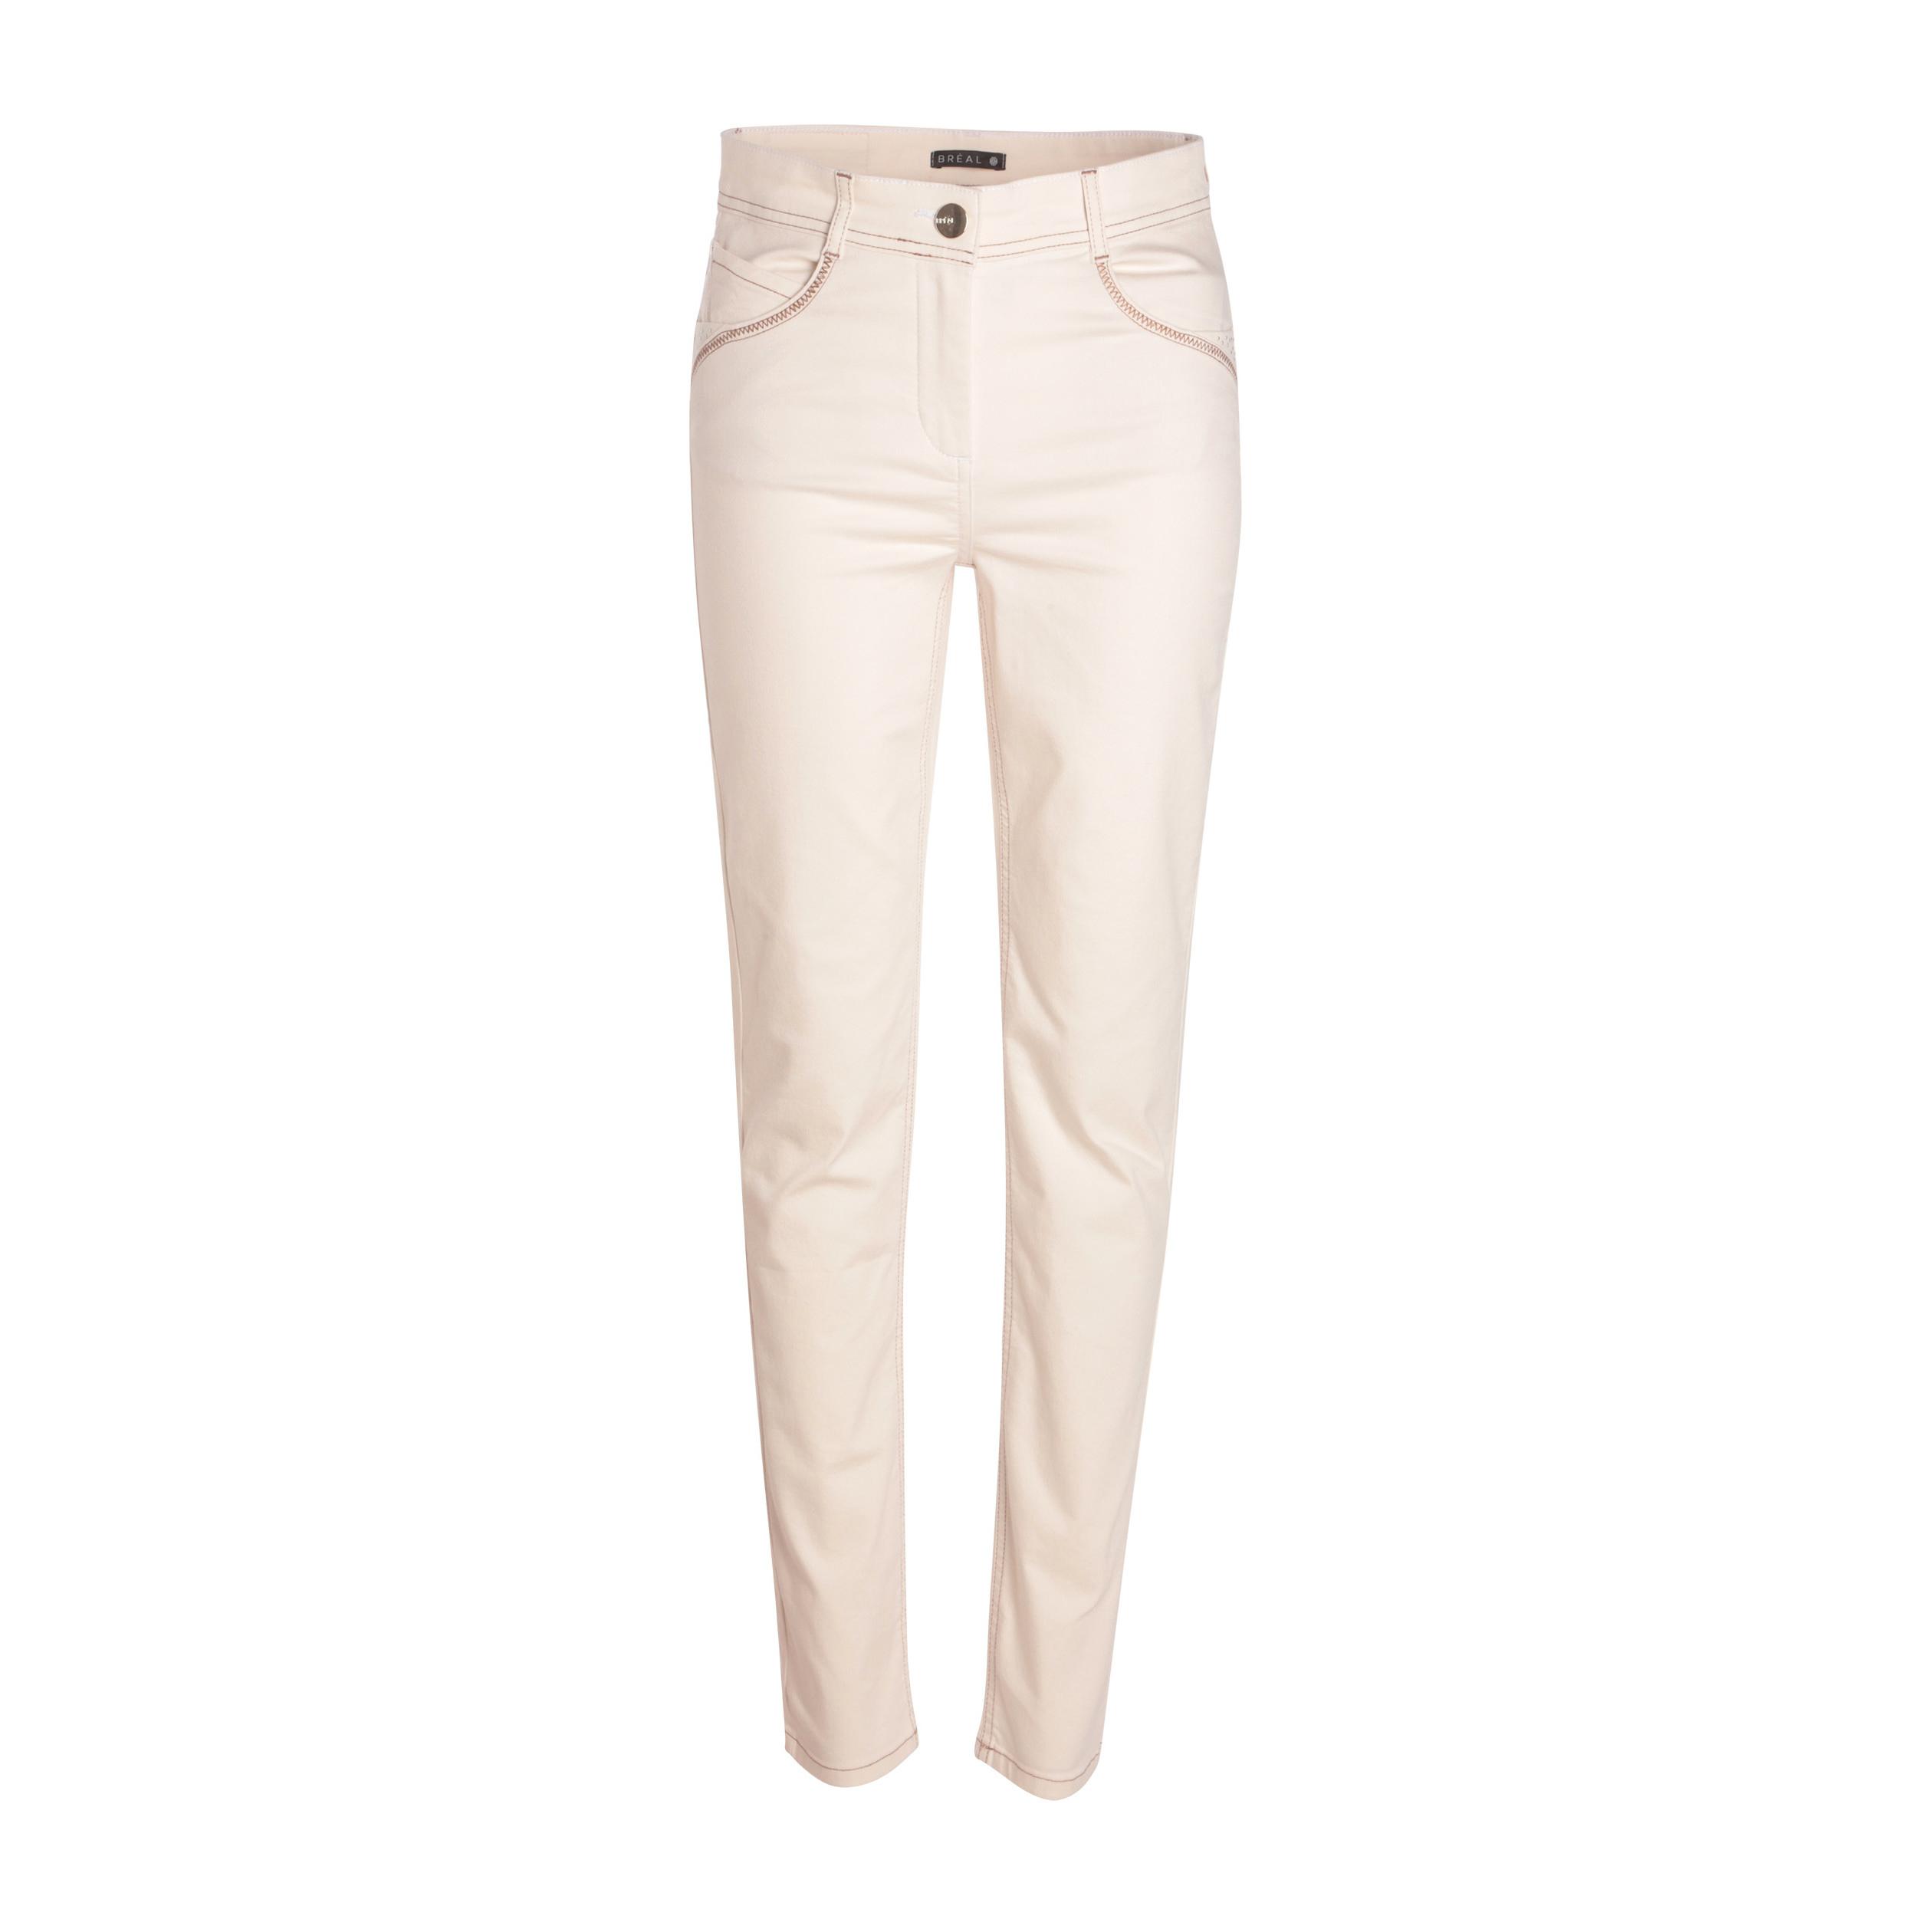 Taille Pantalon Creme Droit Femme Haute rCQsdth